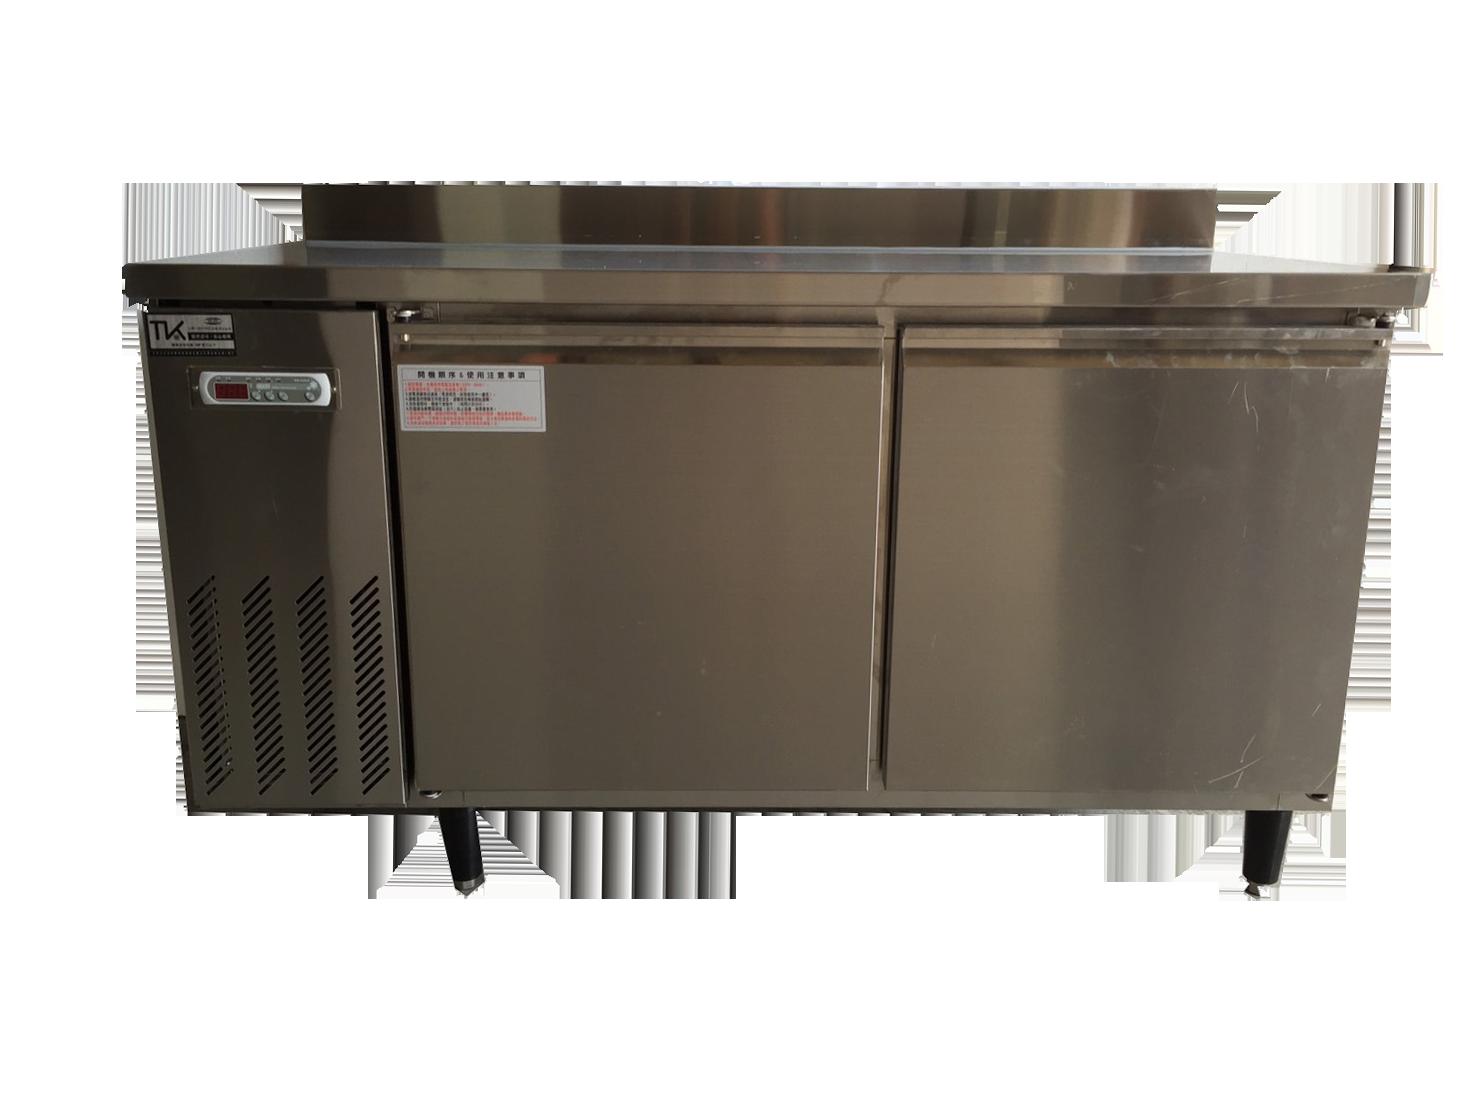 臥式無霜冷凍冷藏櫃1-1.png